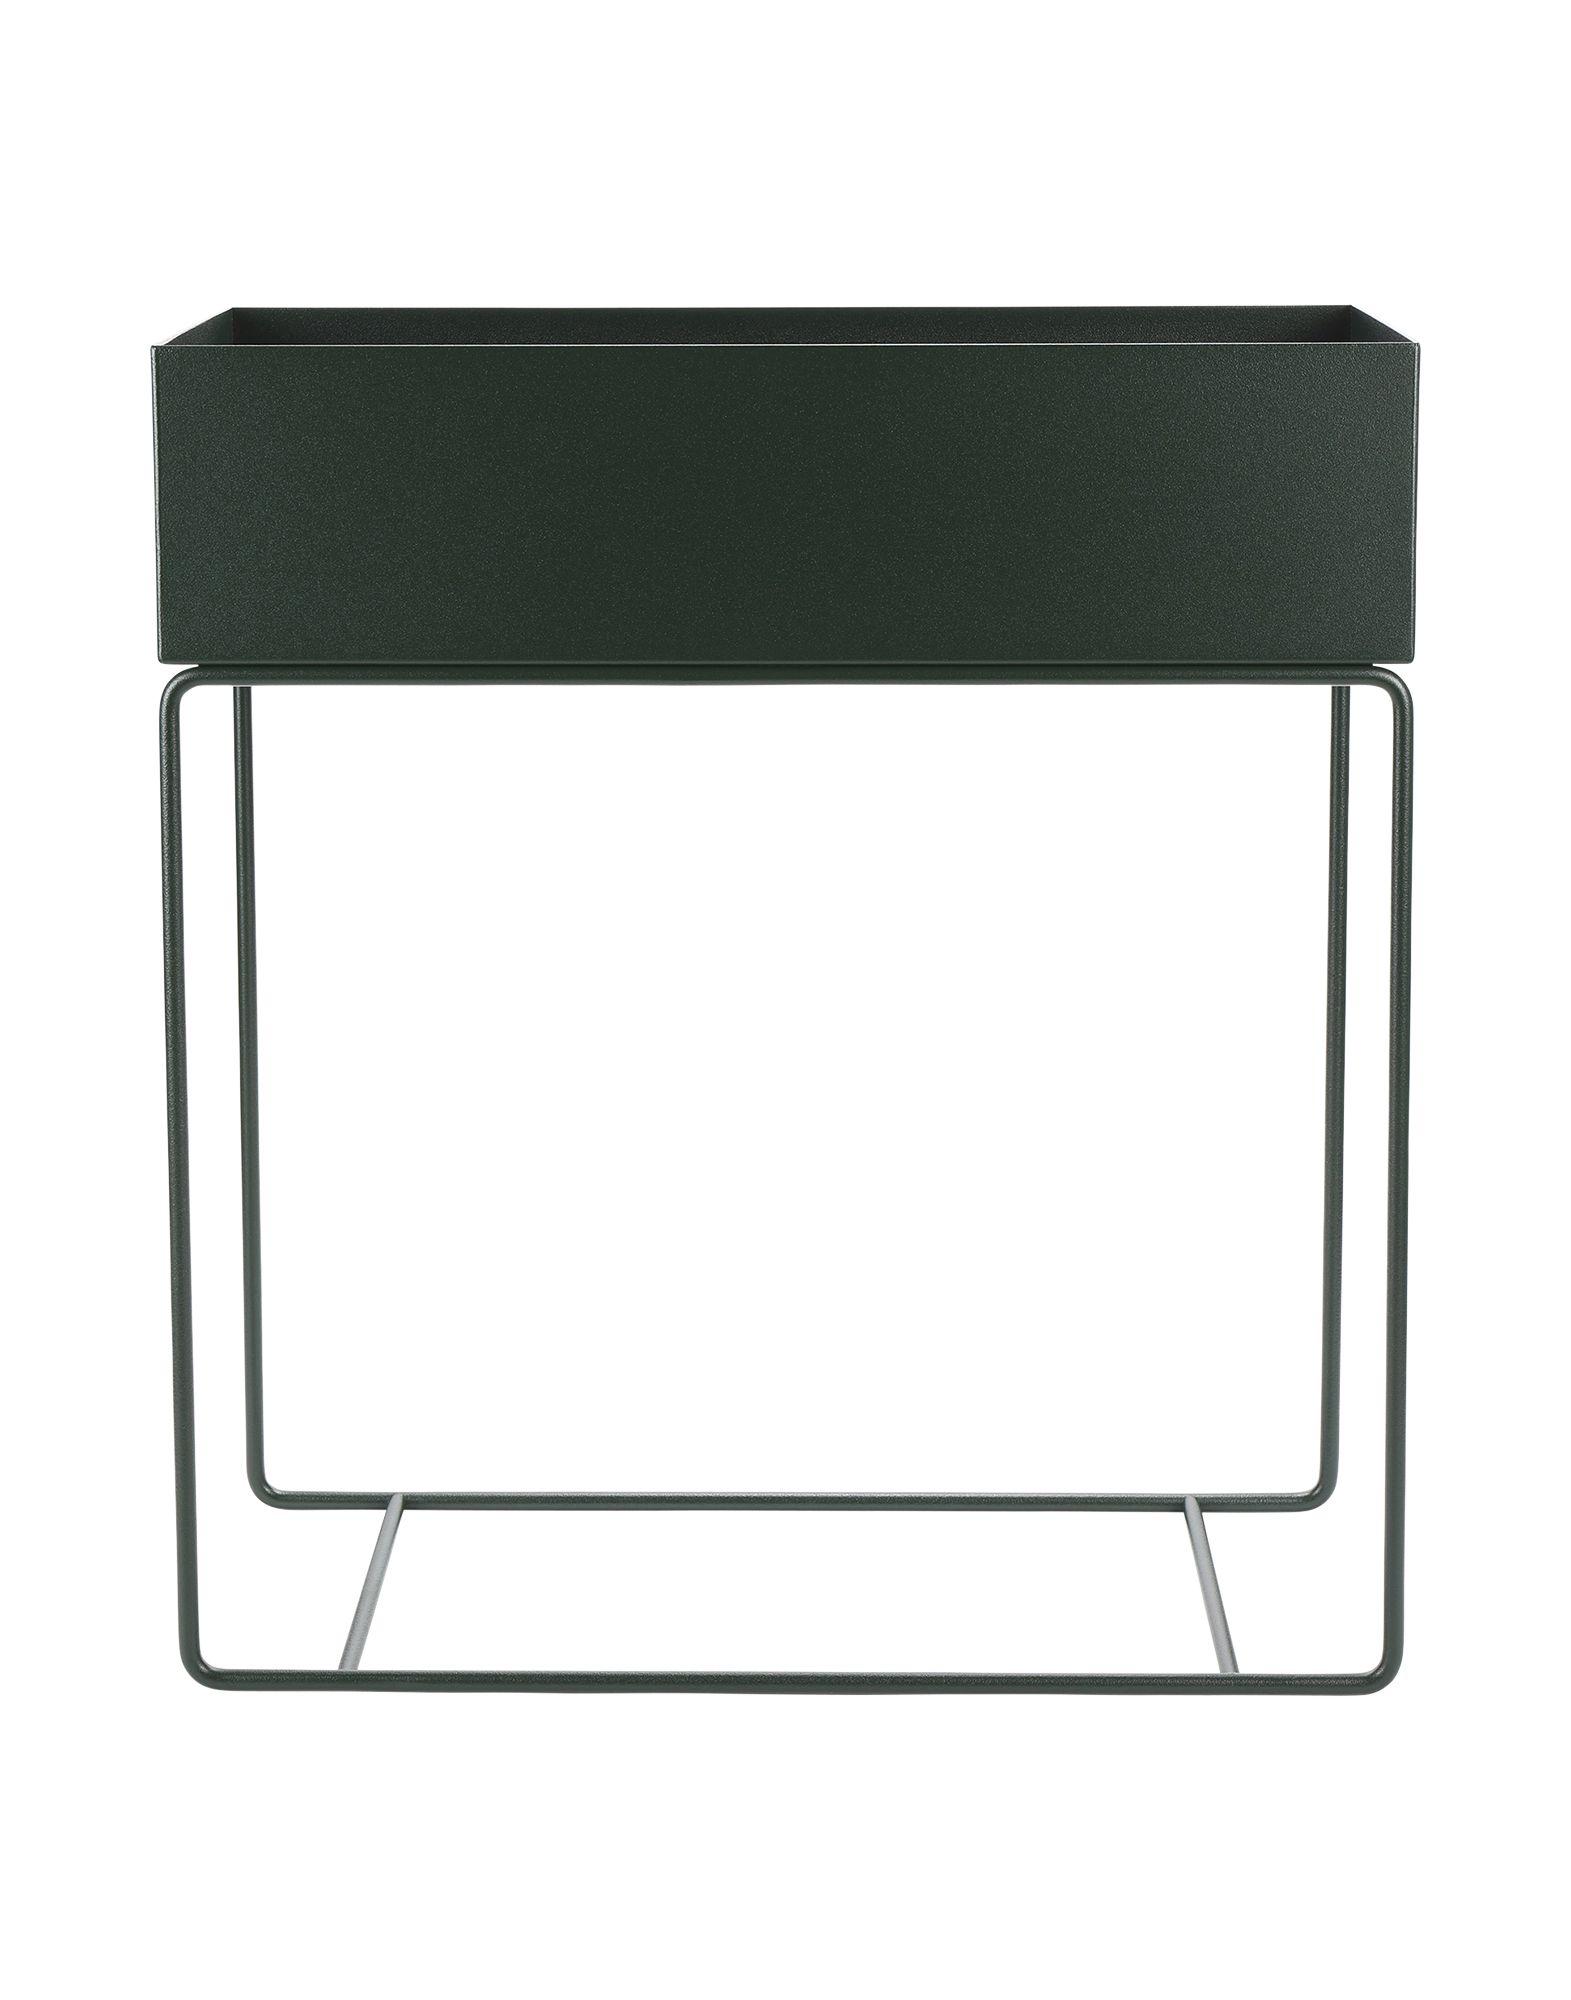 FERM LIVING Unisex Kleinmöbel Farbe Dunkelgrün Größe 1 jetztbilligerkaufen